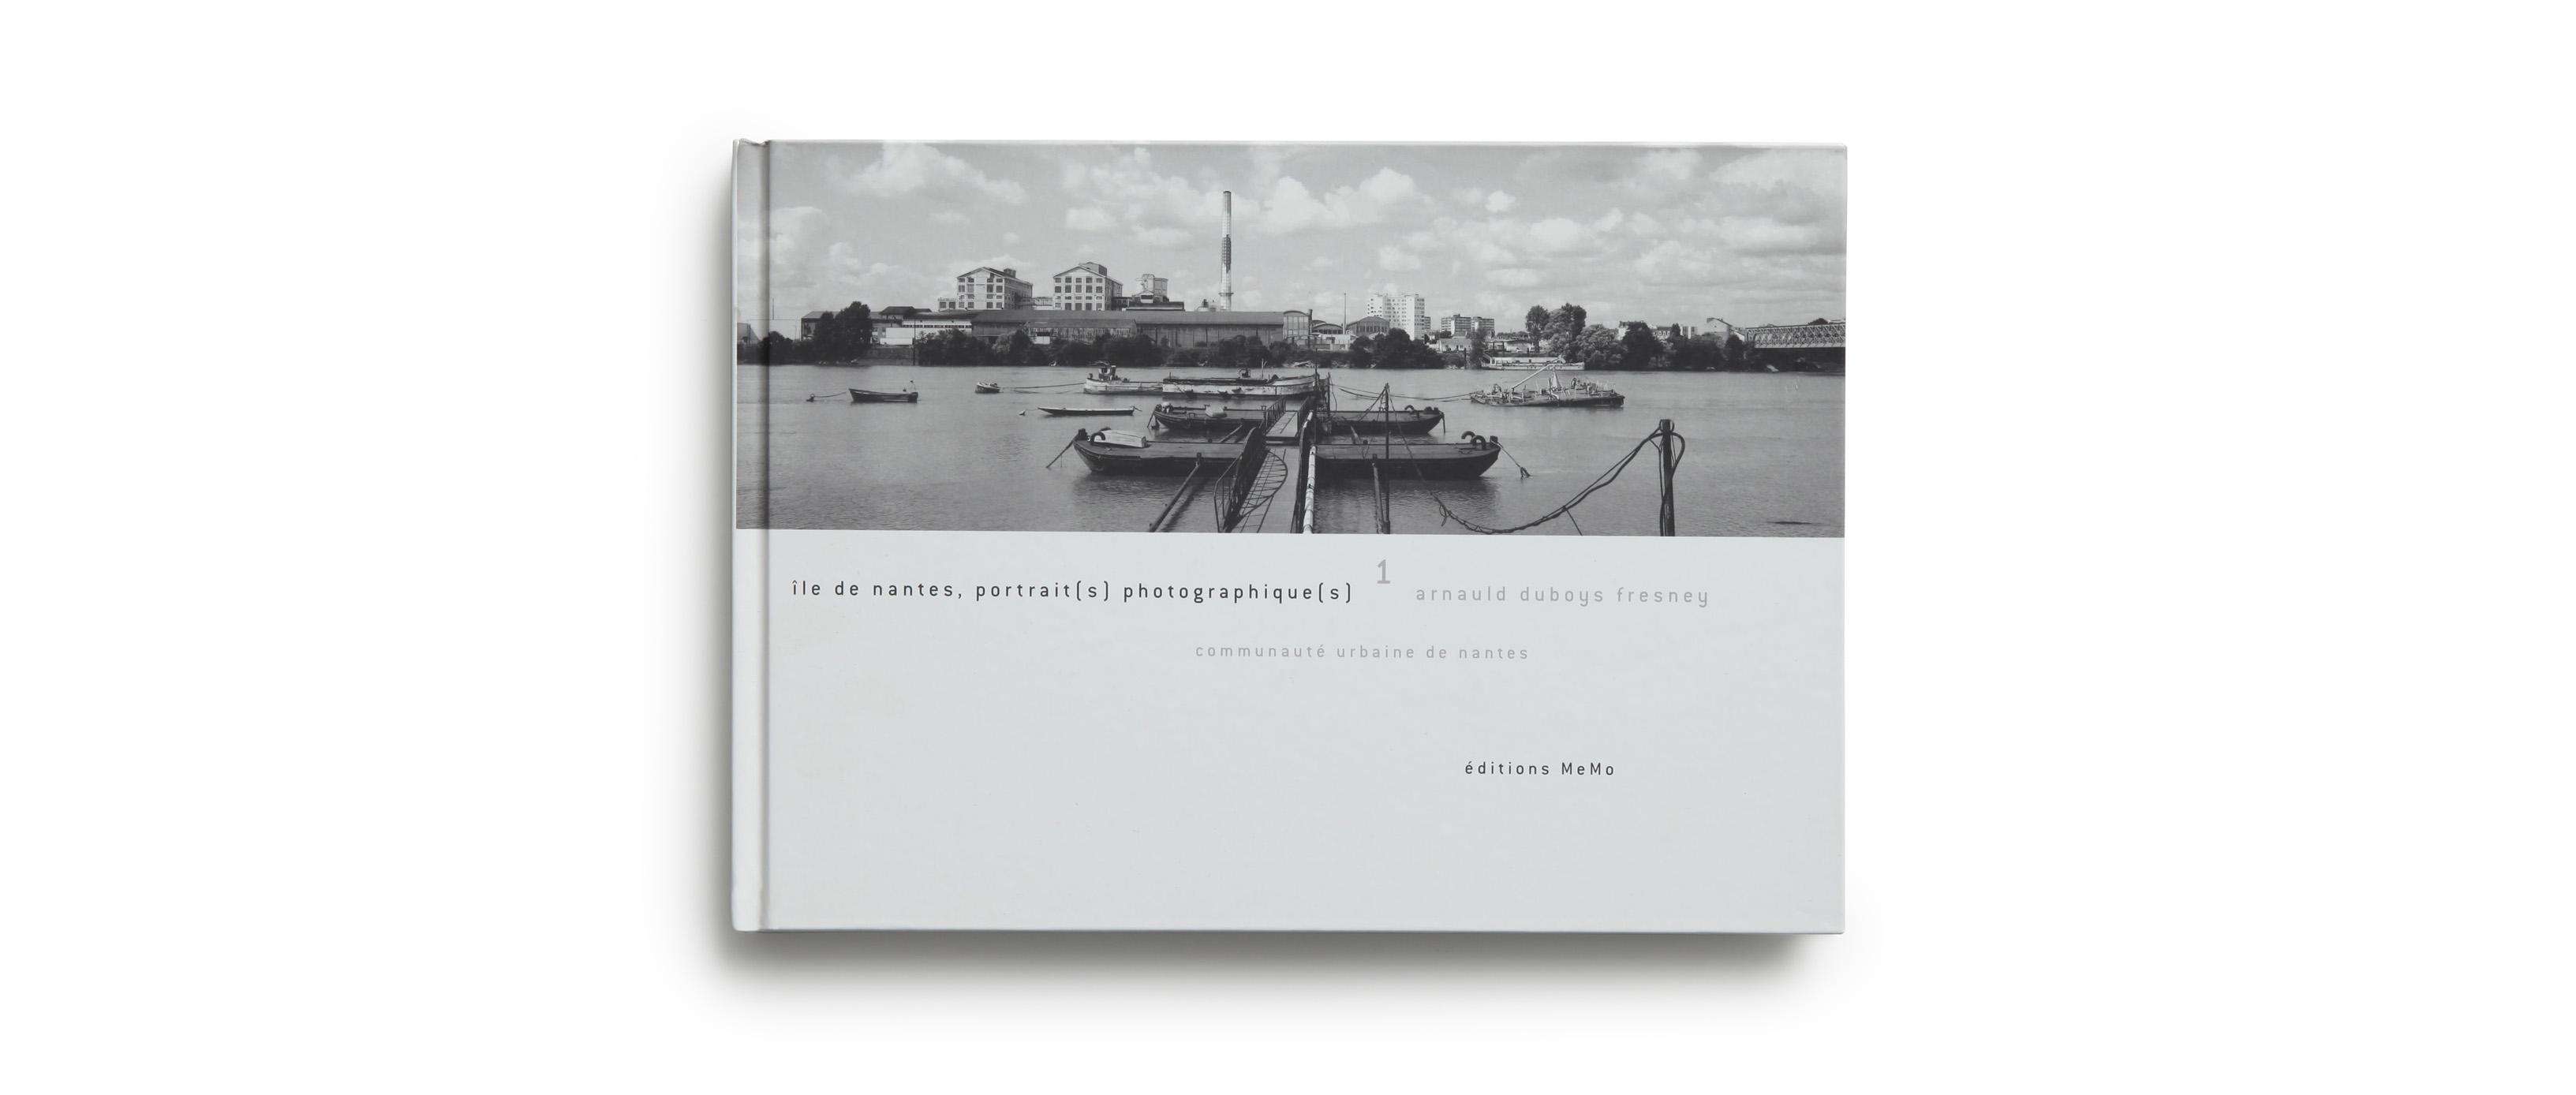 Île de Nantes, portrait(s) photographique(s), avec Arnauld Duboys Fresney, MeMo, 2002